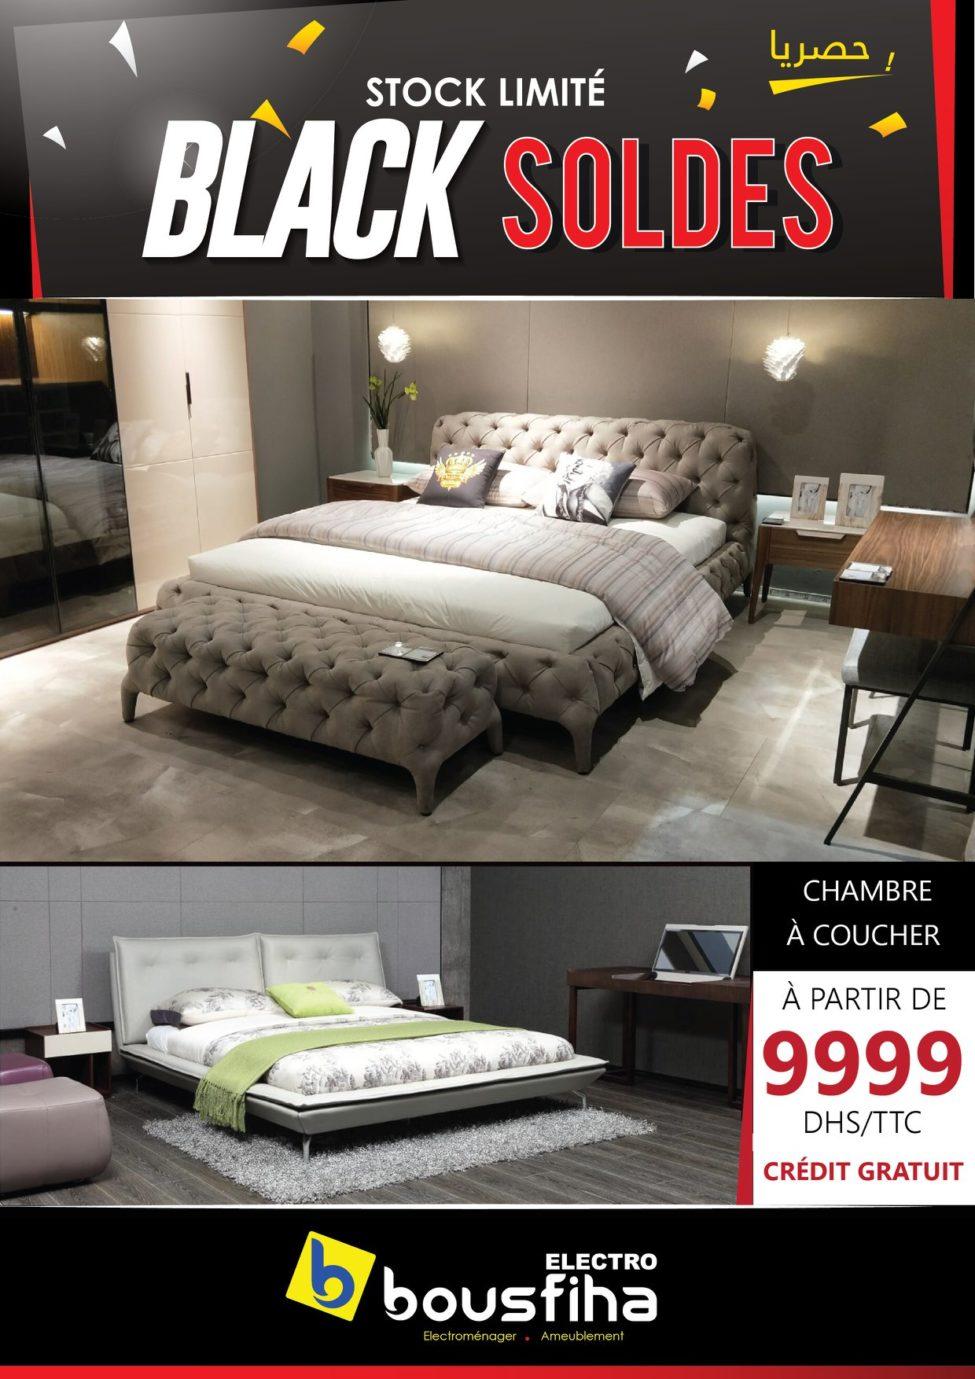 BLACK SOLDES BOUSFIHA AMEUBLEMENT Chambre à coucher à partir de 9999Dhs